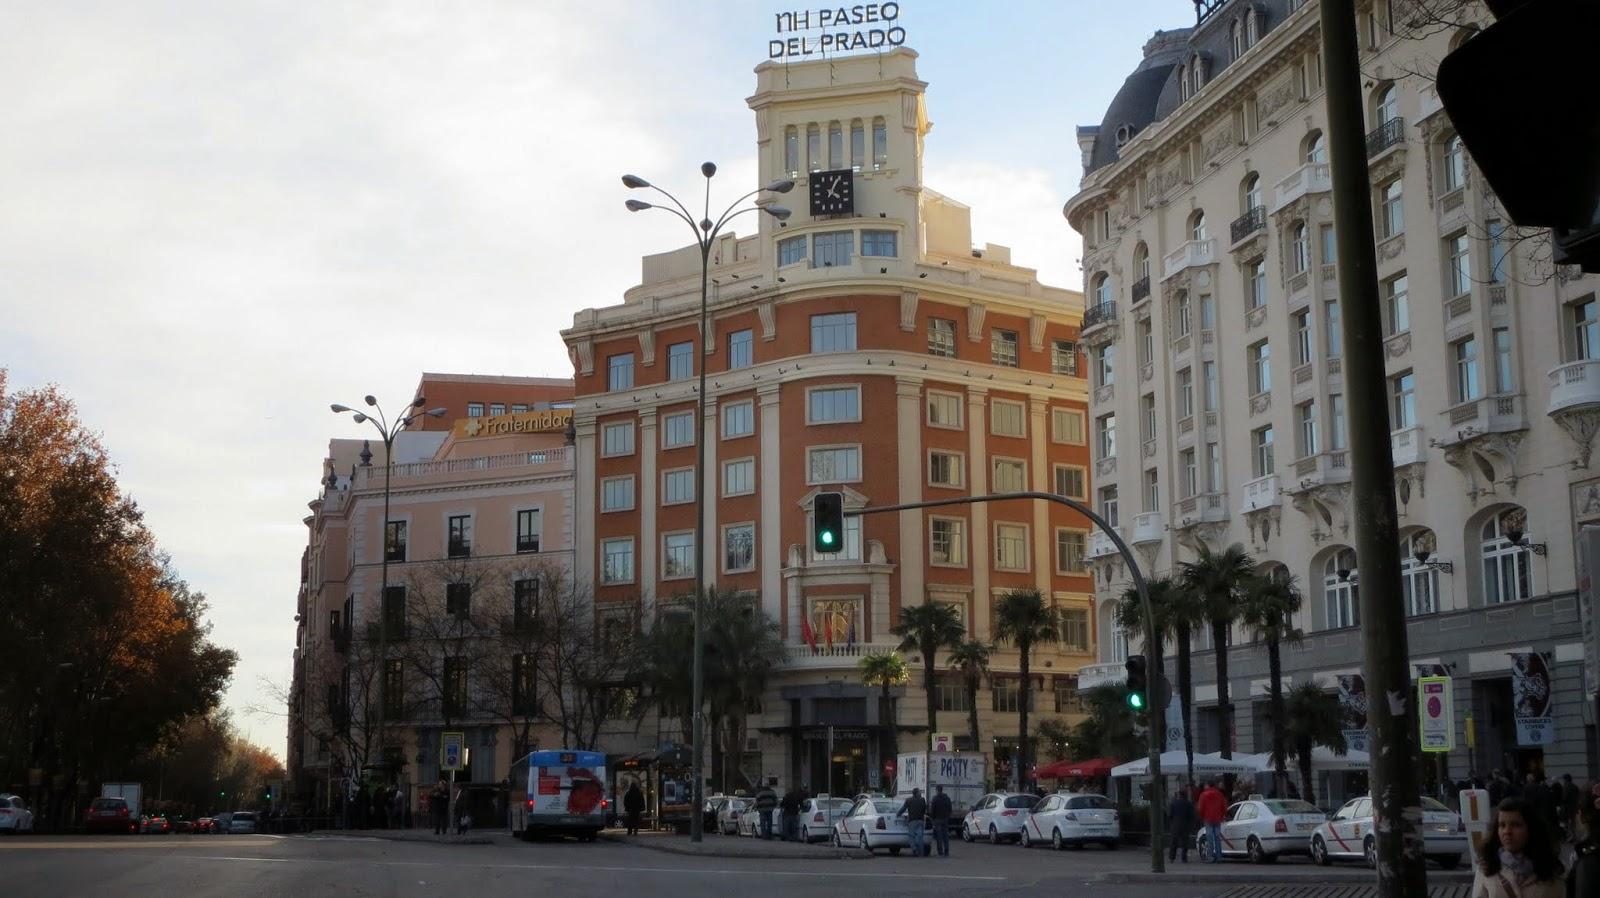 Antonio Palacios. Casa Comercial Torán y Harguindey, hoy NH Paseo del Prado